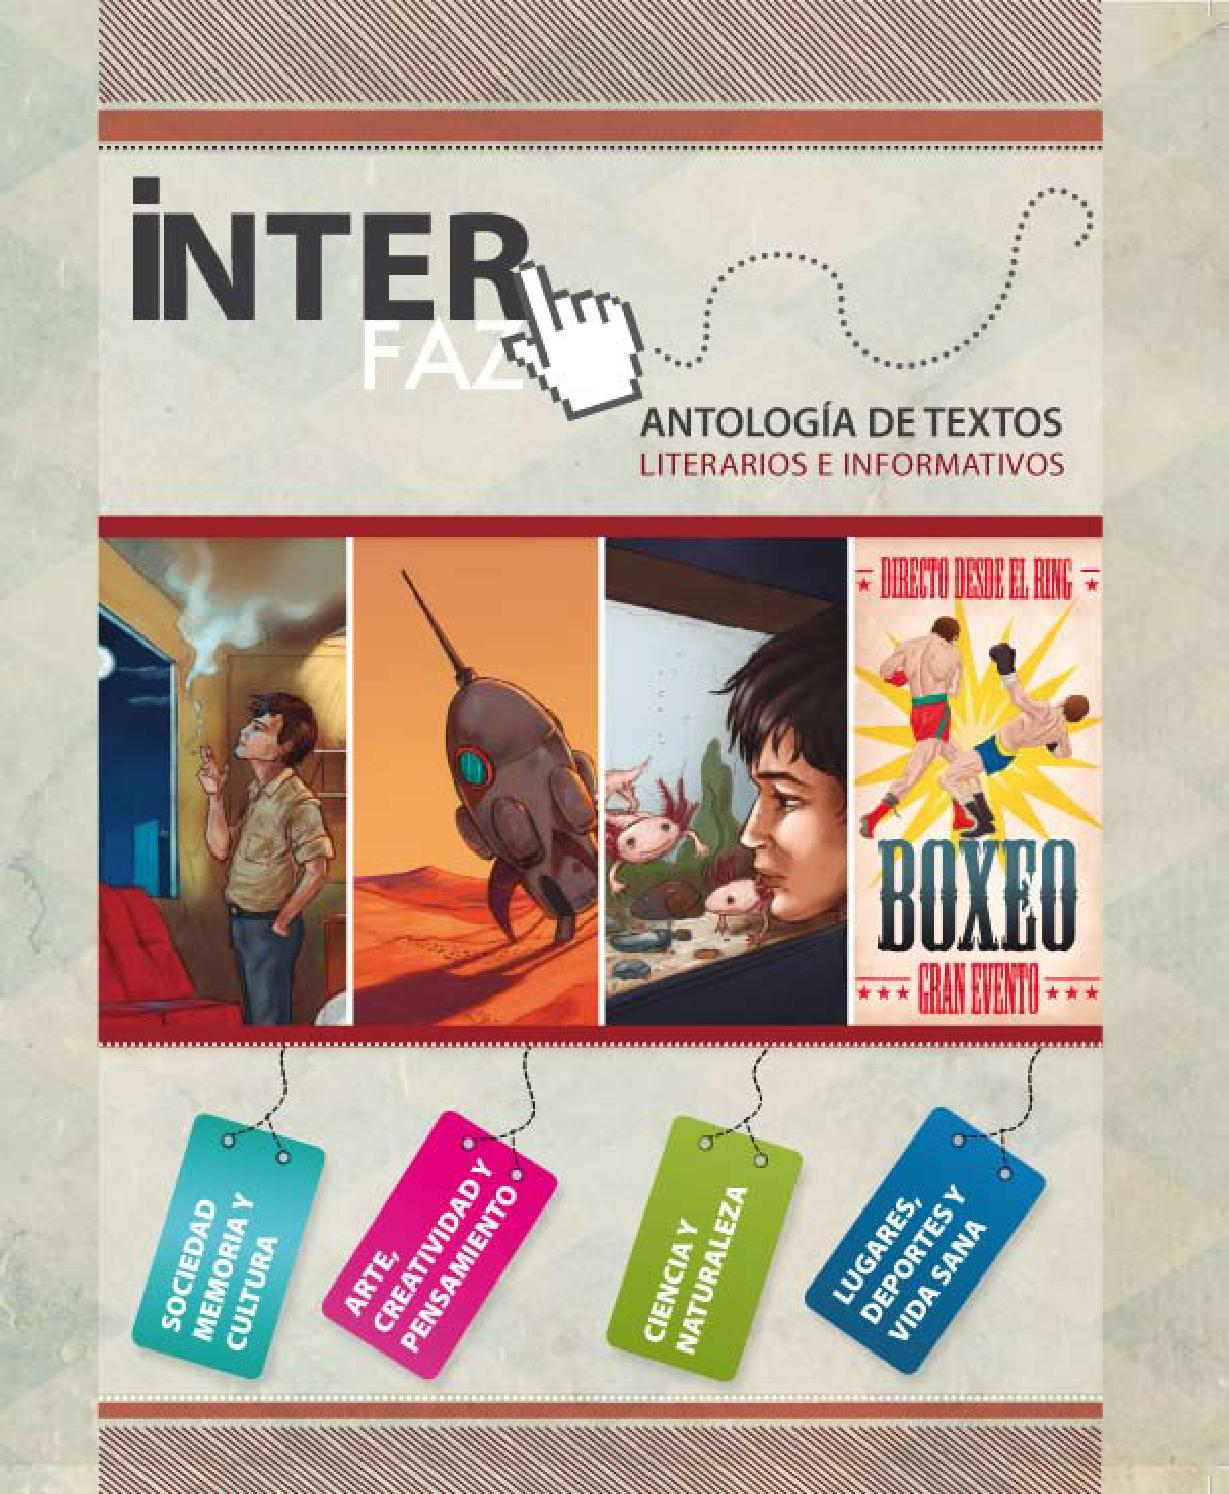 Inter faz by tati brozález - issuu 60732e2dbf1